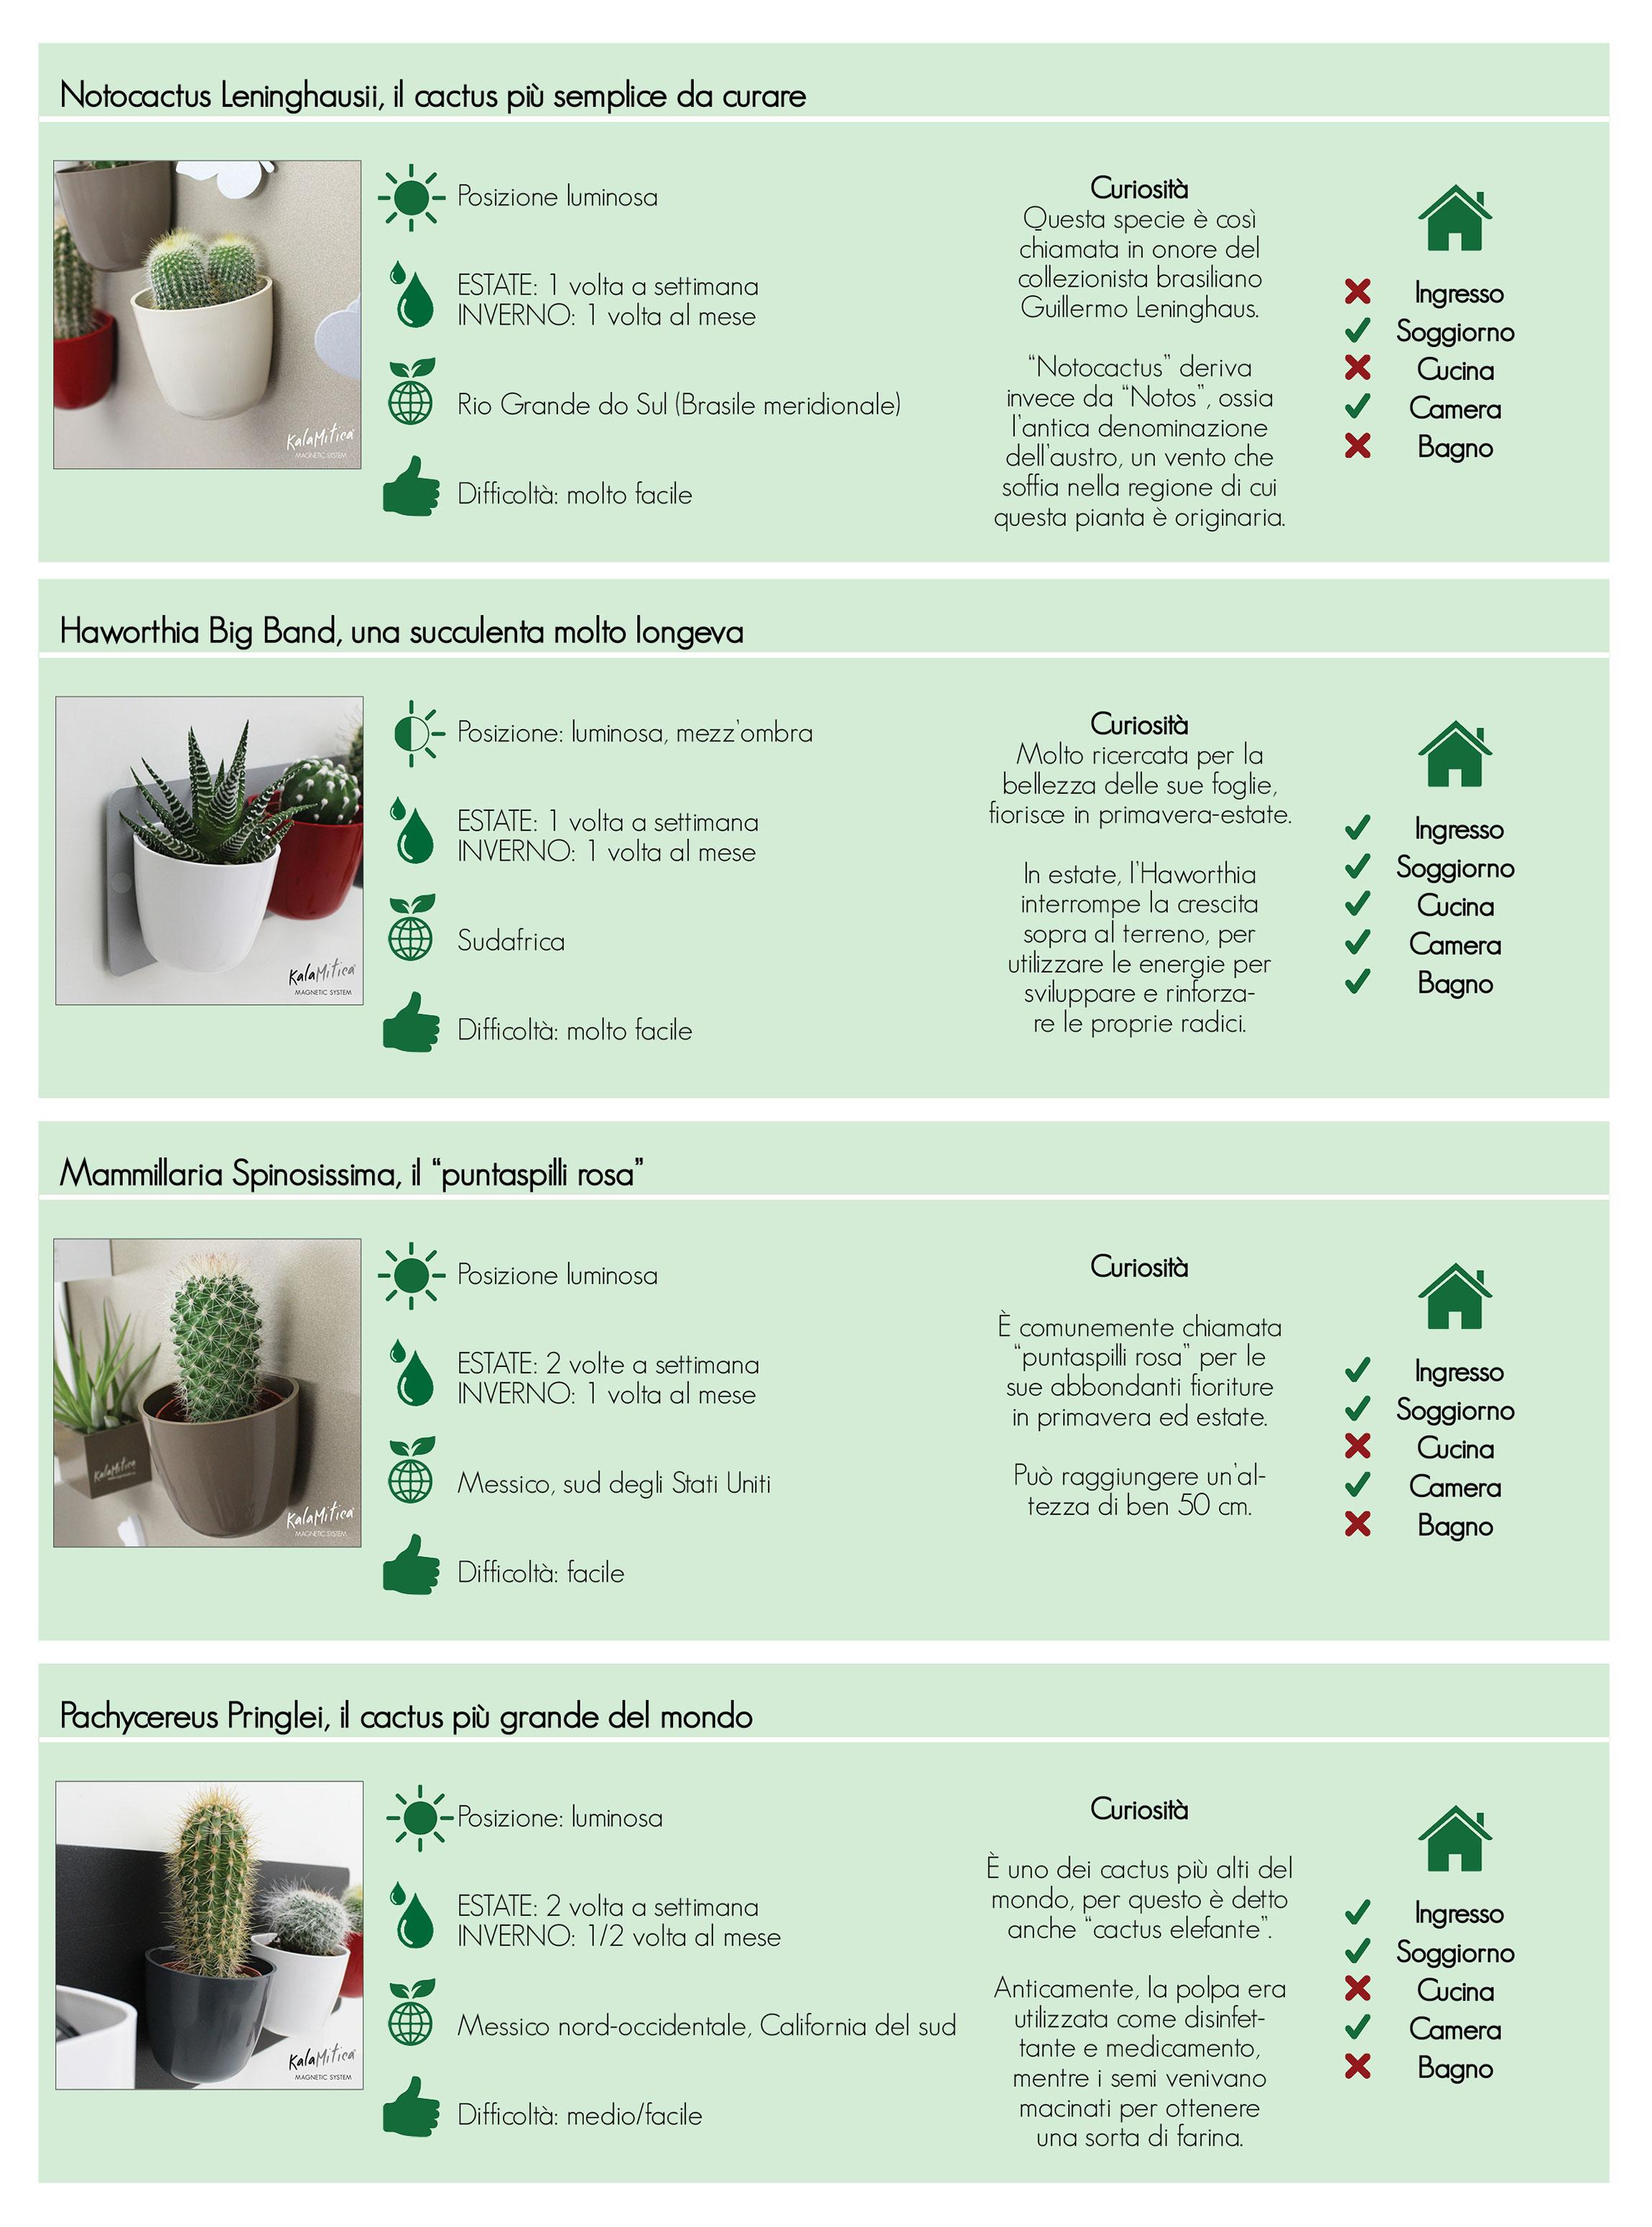 tabella completa per la cura e il manteimento delle piante grasse